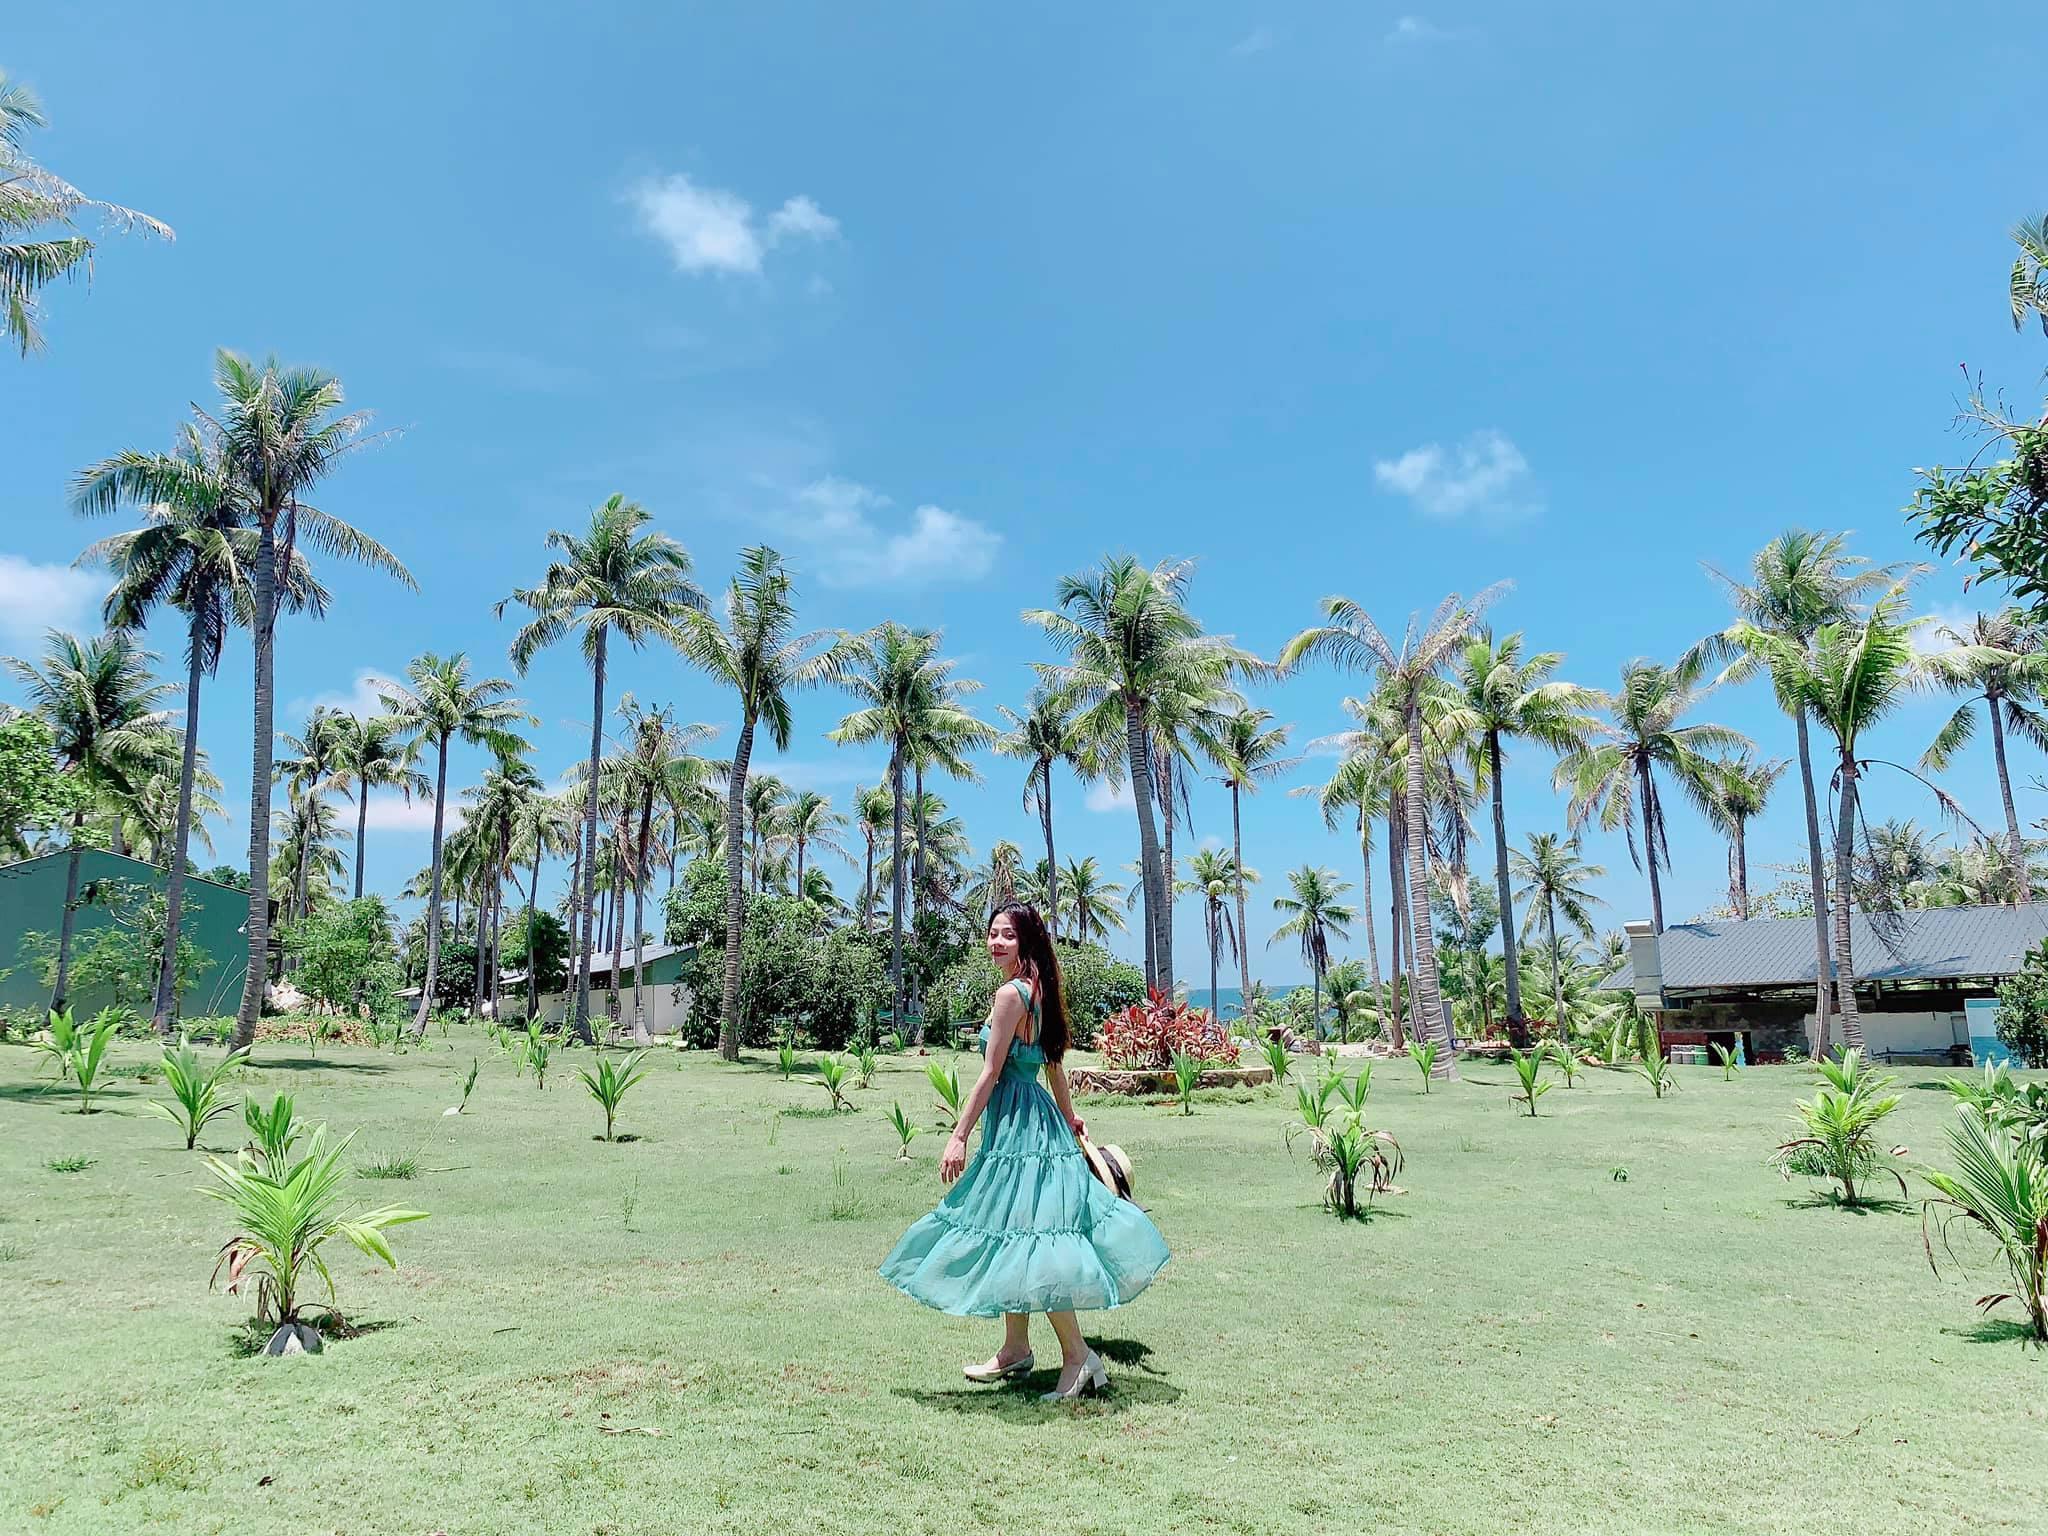 Phú Quốc ở đâu? Dạo quanh đảo ngọc nổi tiếng phía Nam đất nước  - Ảnh 5.